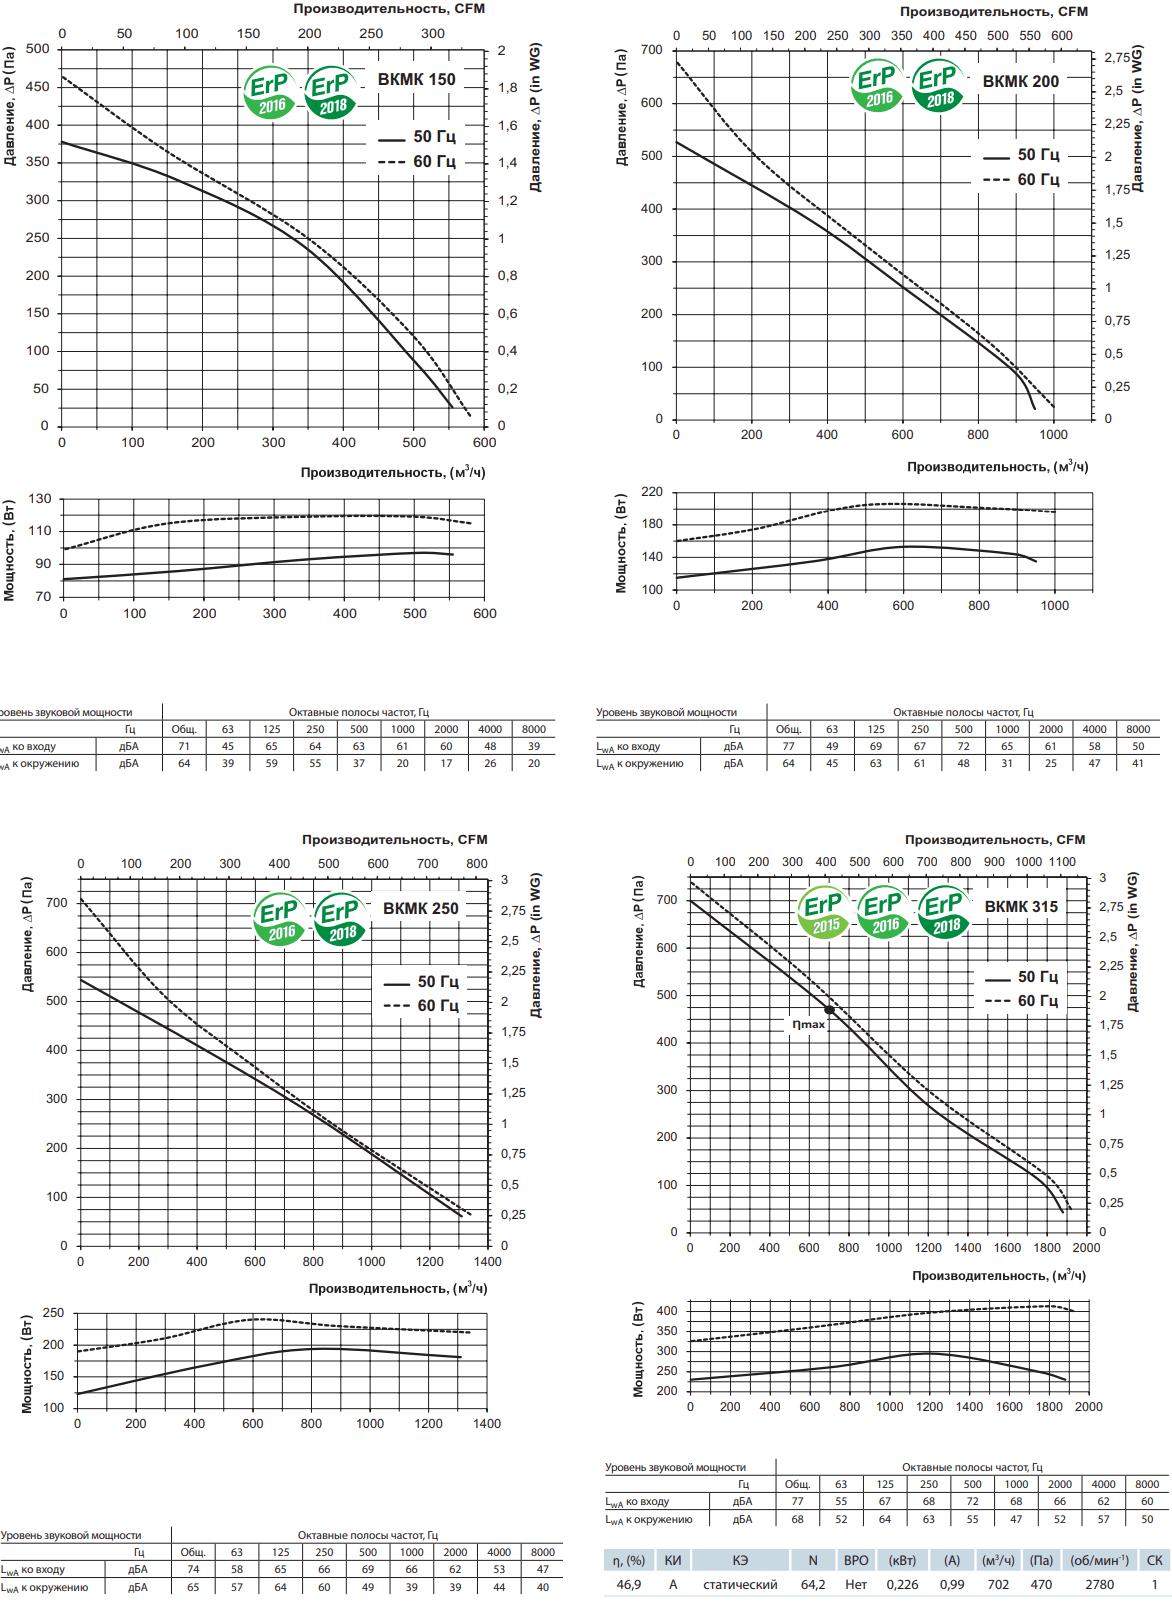 Крышный вентилятор Вентс ВКМК - Аэродинамические характеристики